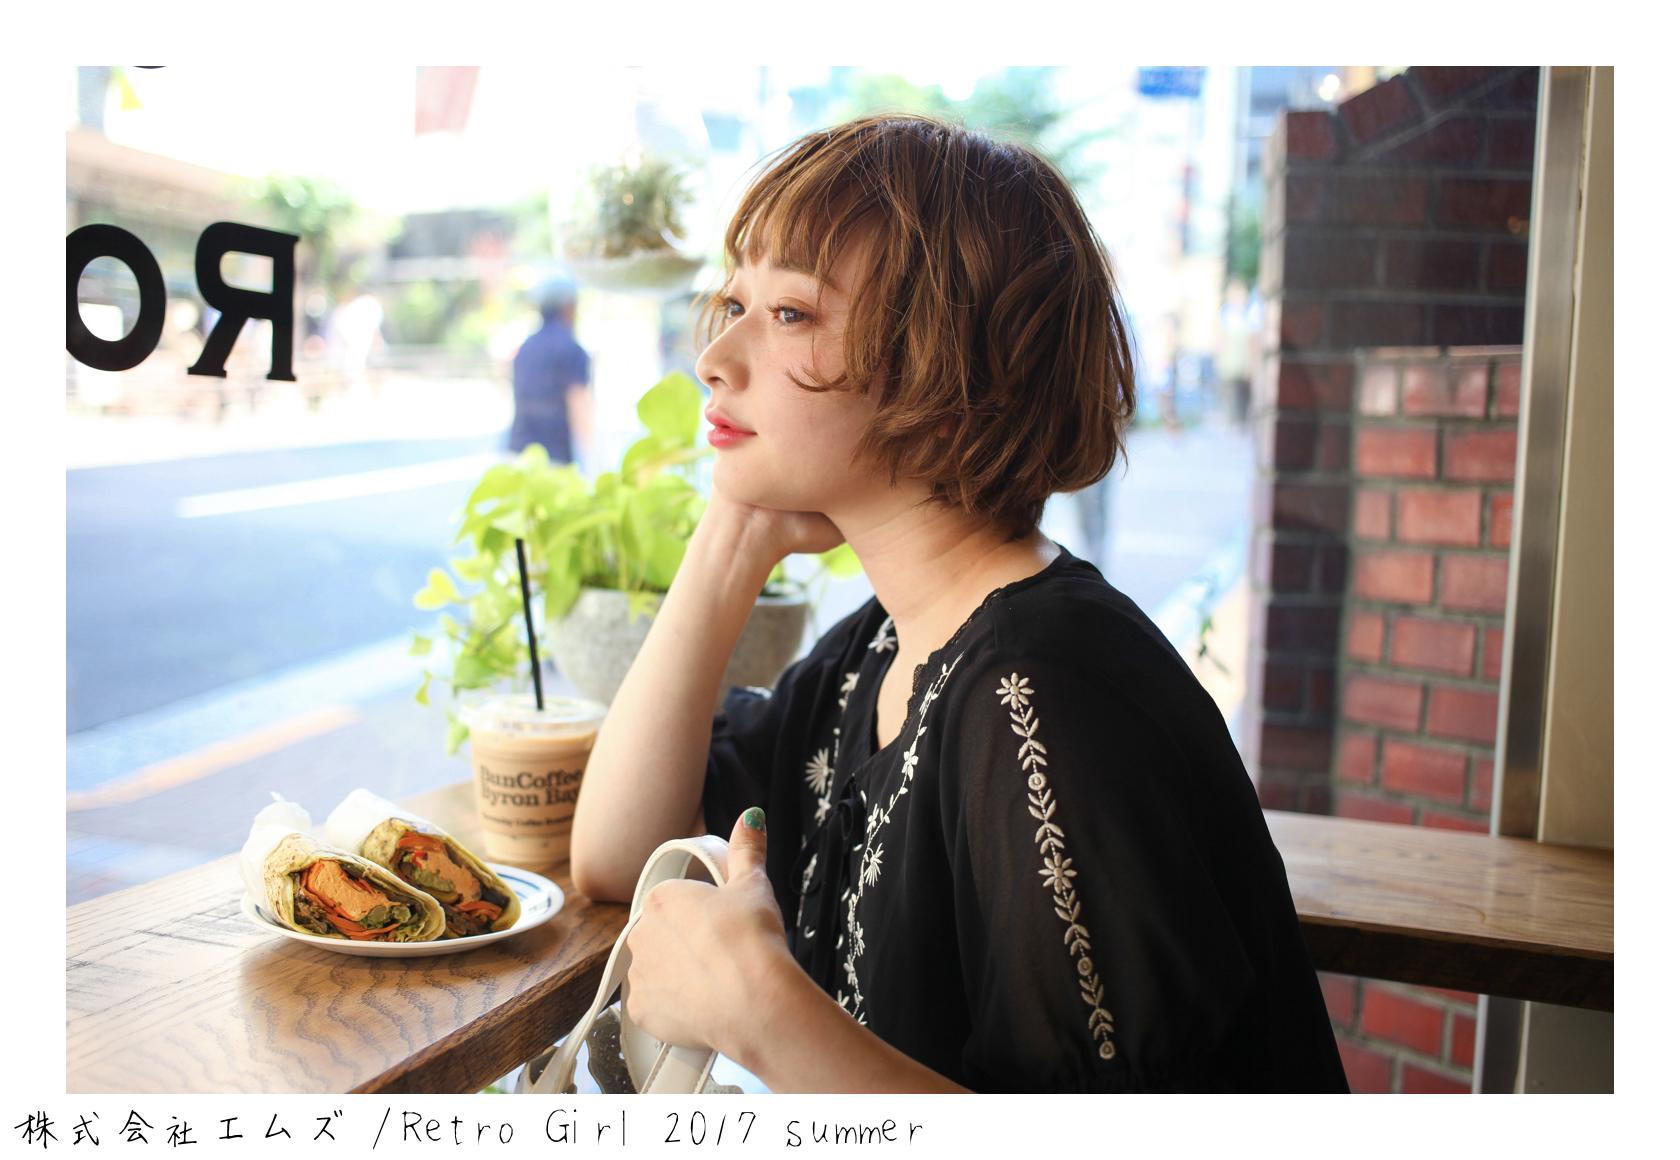 【works】RETRO GIRL 2017 Summer